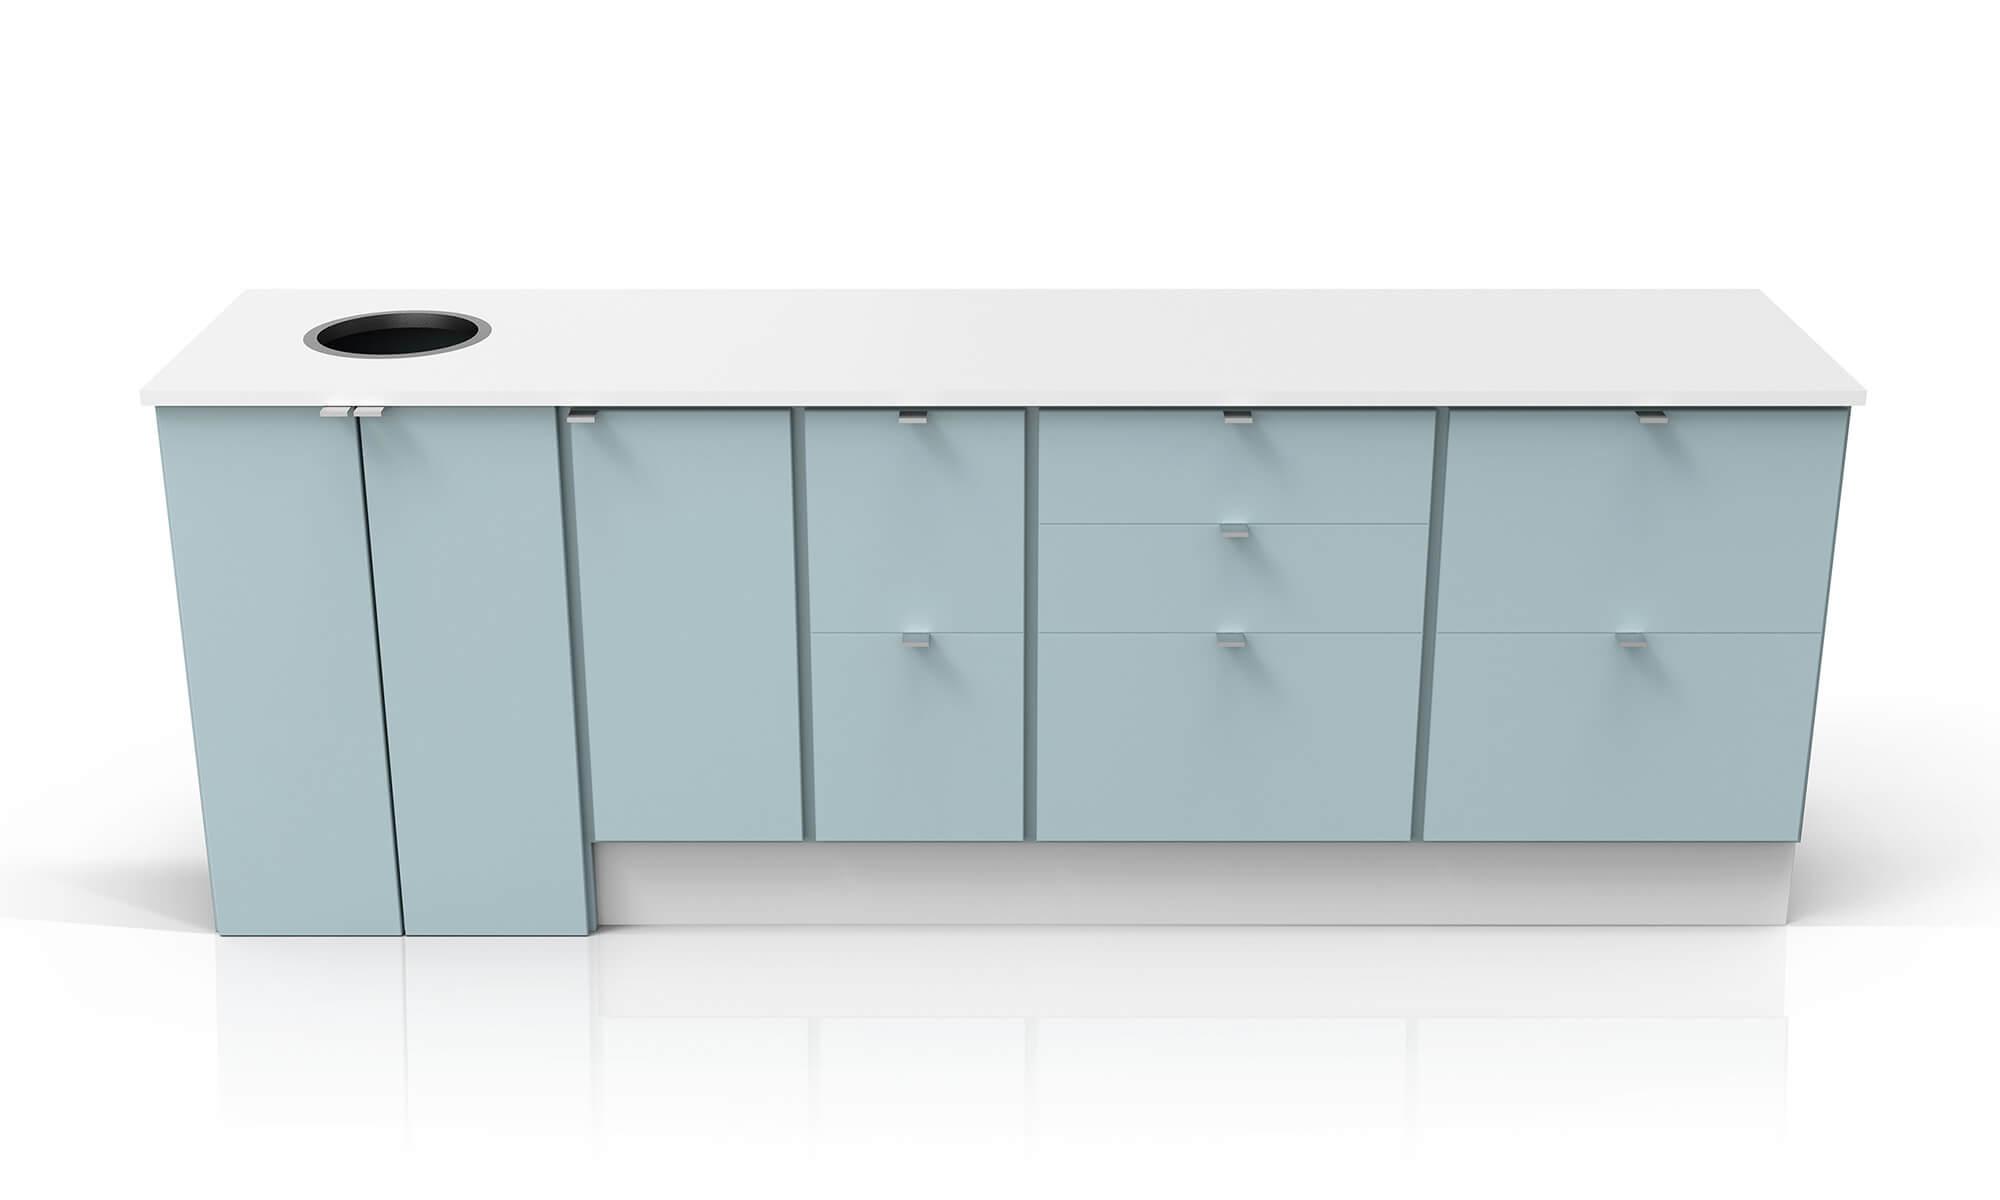 miljöstation miljödisk recycling källsortering waste bin station trece kontor office